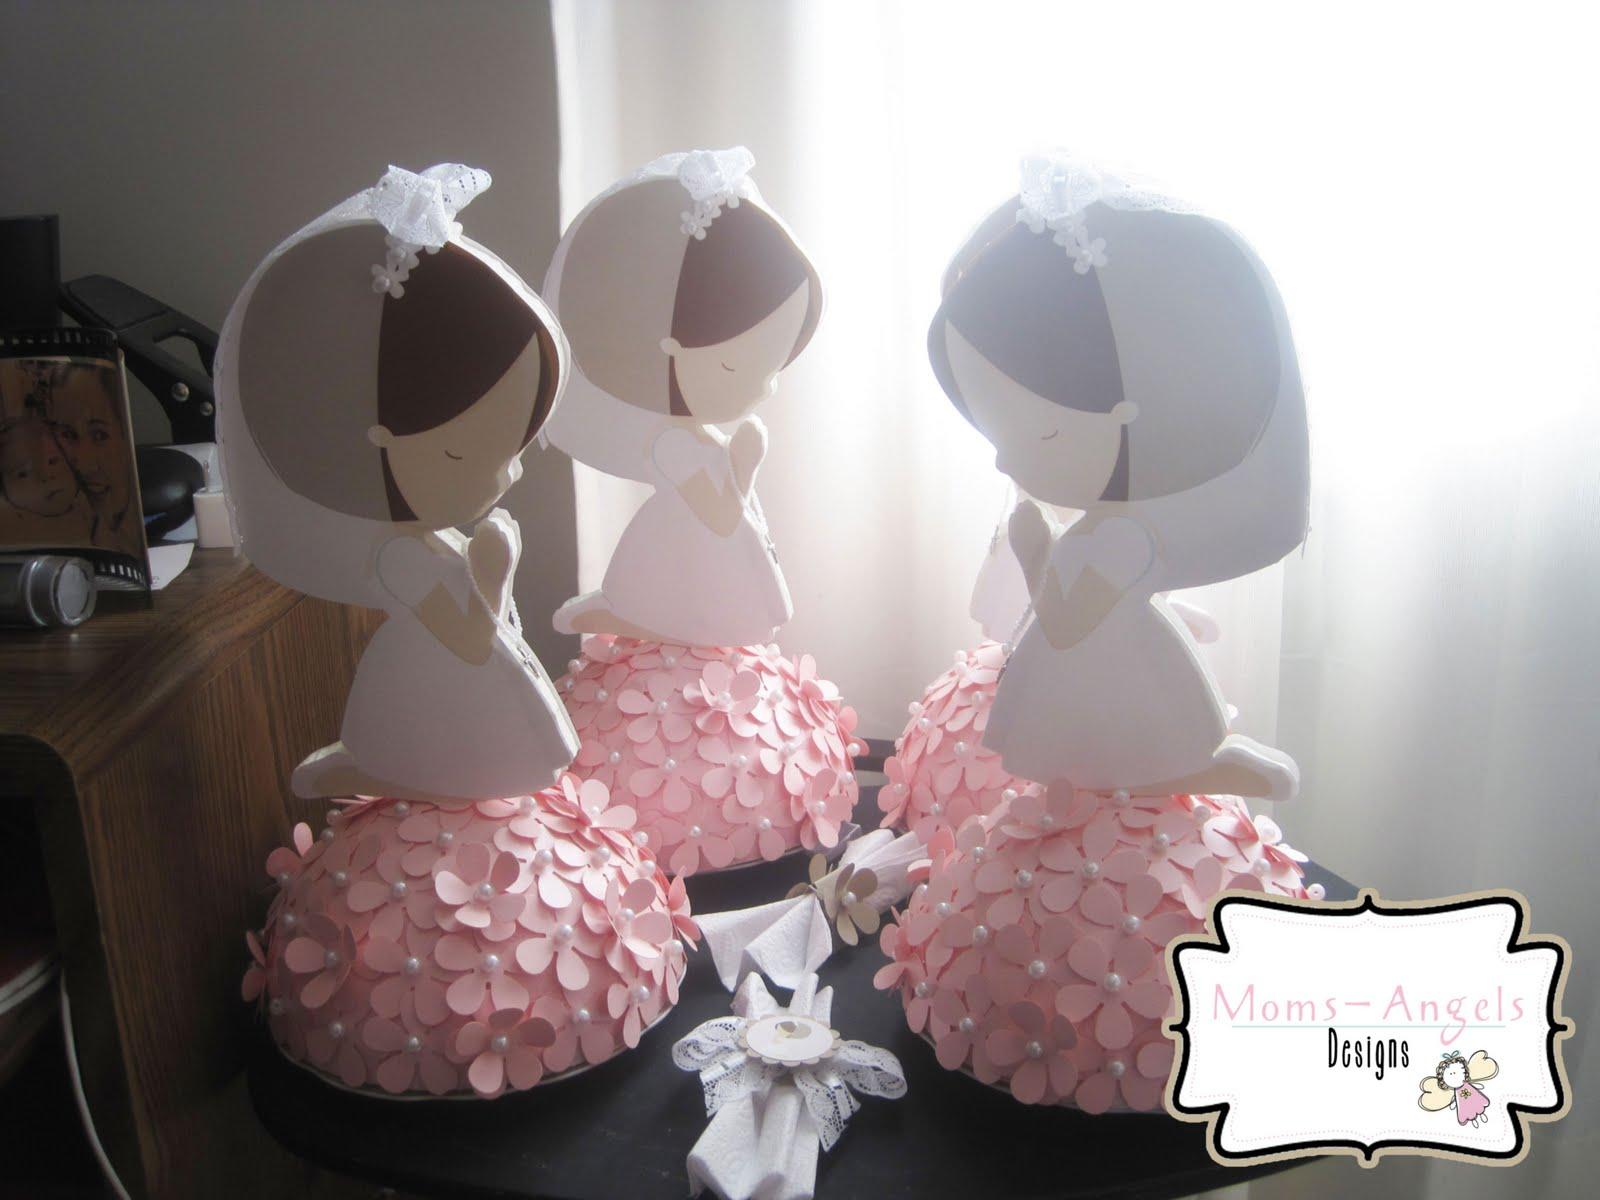 Moms angels invitaciones y decoraciones primera comunion - Decoracion para nina ...